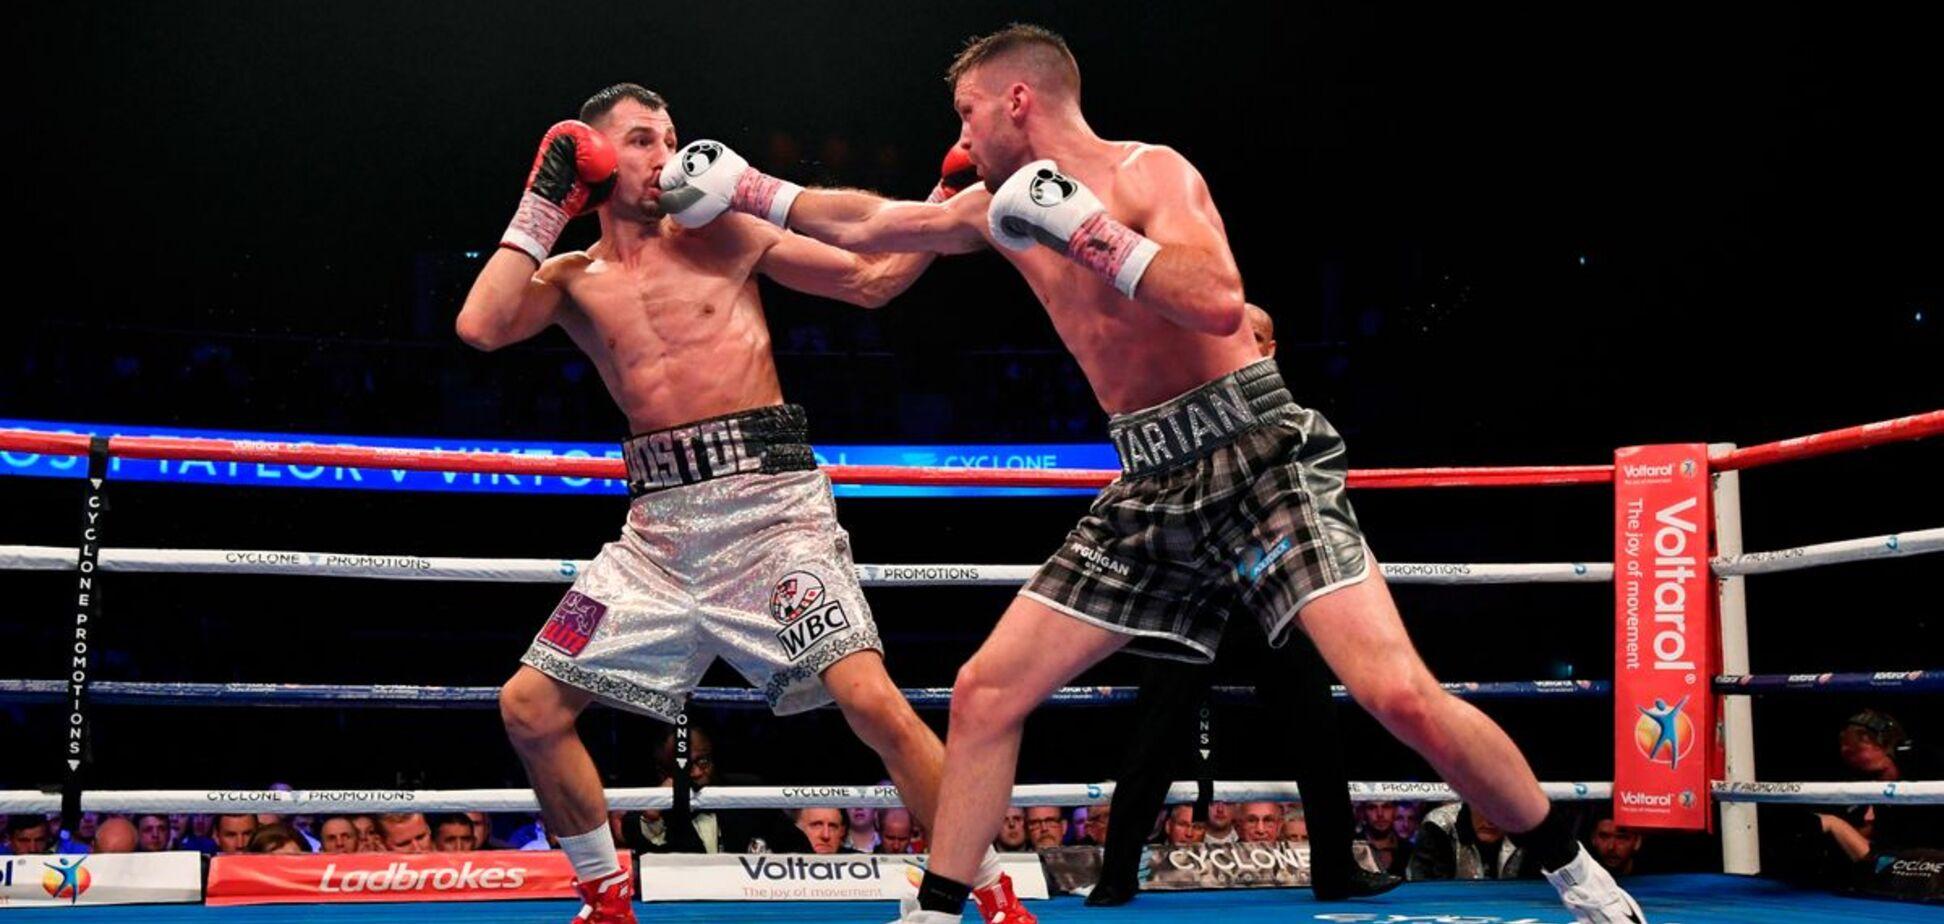 Знаменитий український боксер програв чемпіонський бій, побувавши в нокдауні